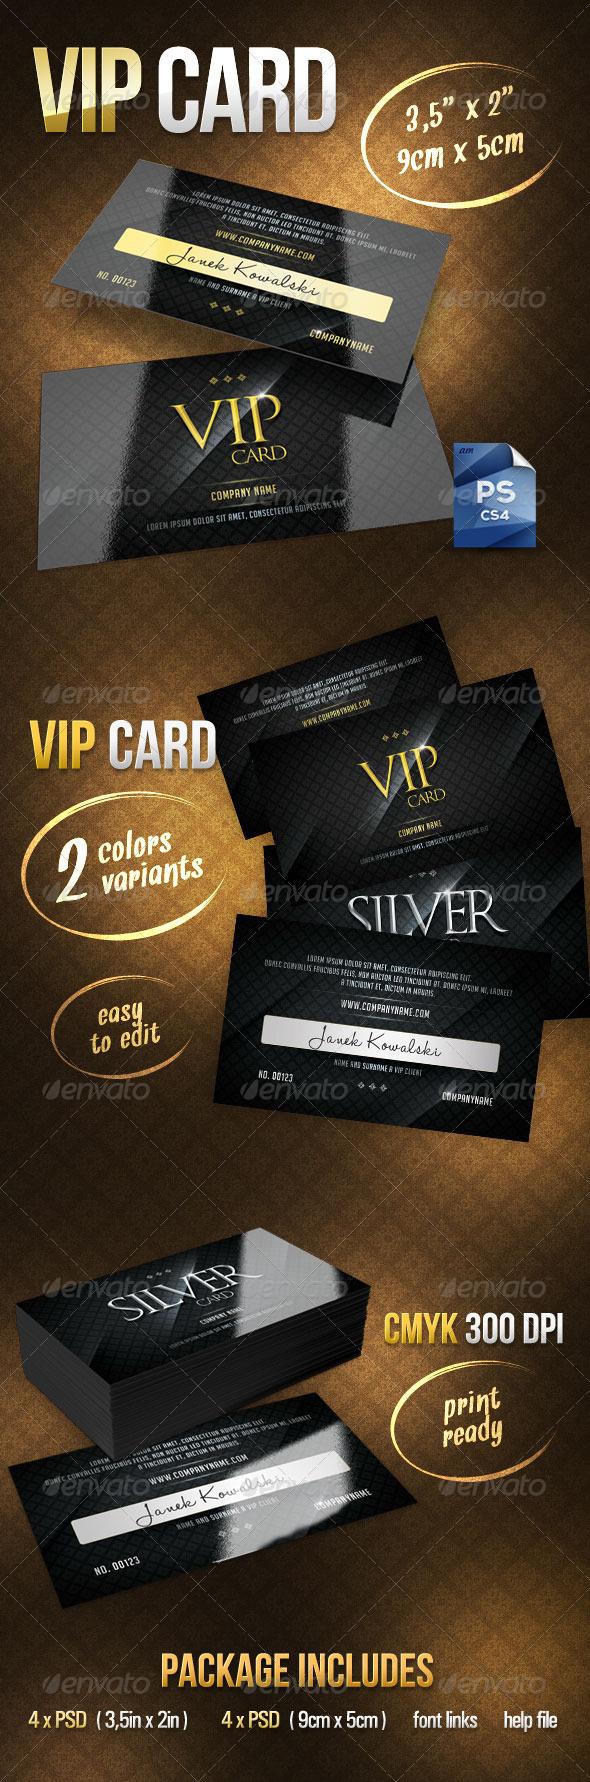 GraphicRiver Vip Card 2976851